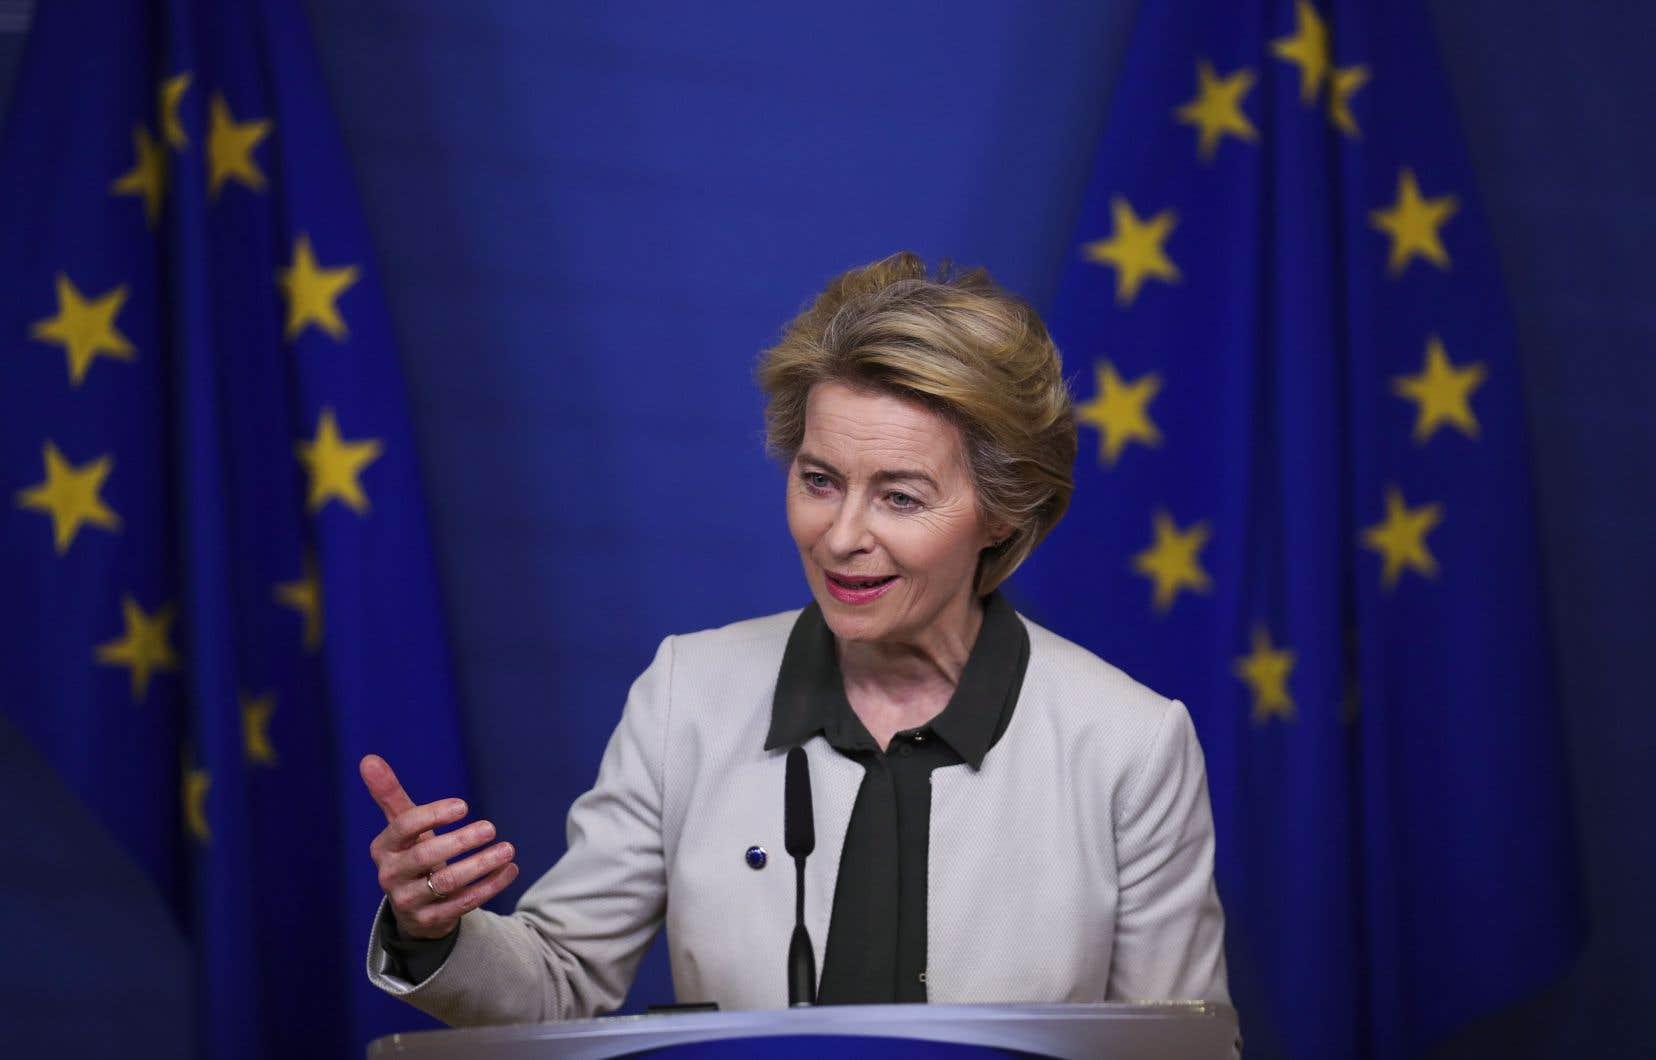 La nouvelle présidente de la Commission européenne, Ursula von der Leyen, a présenté son «Pacte vert» mercredi, dix jours après son entrée en fonction à la tête de l'exécutif européen.